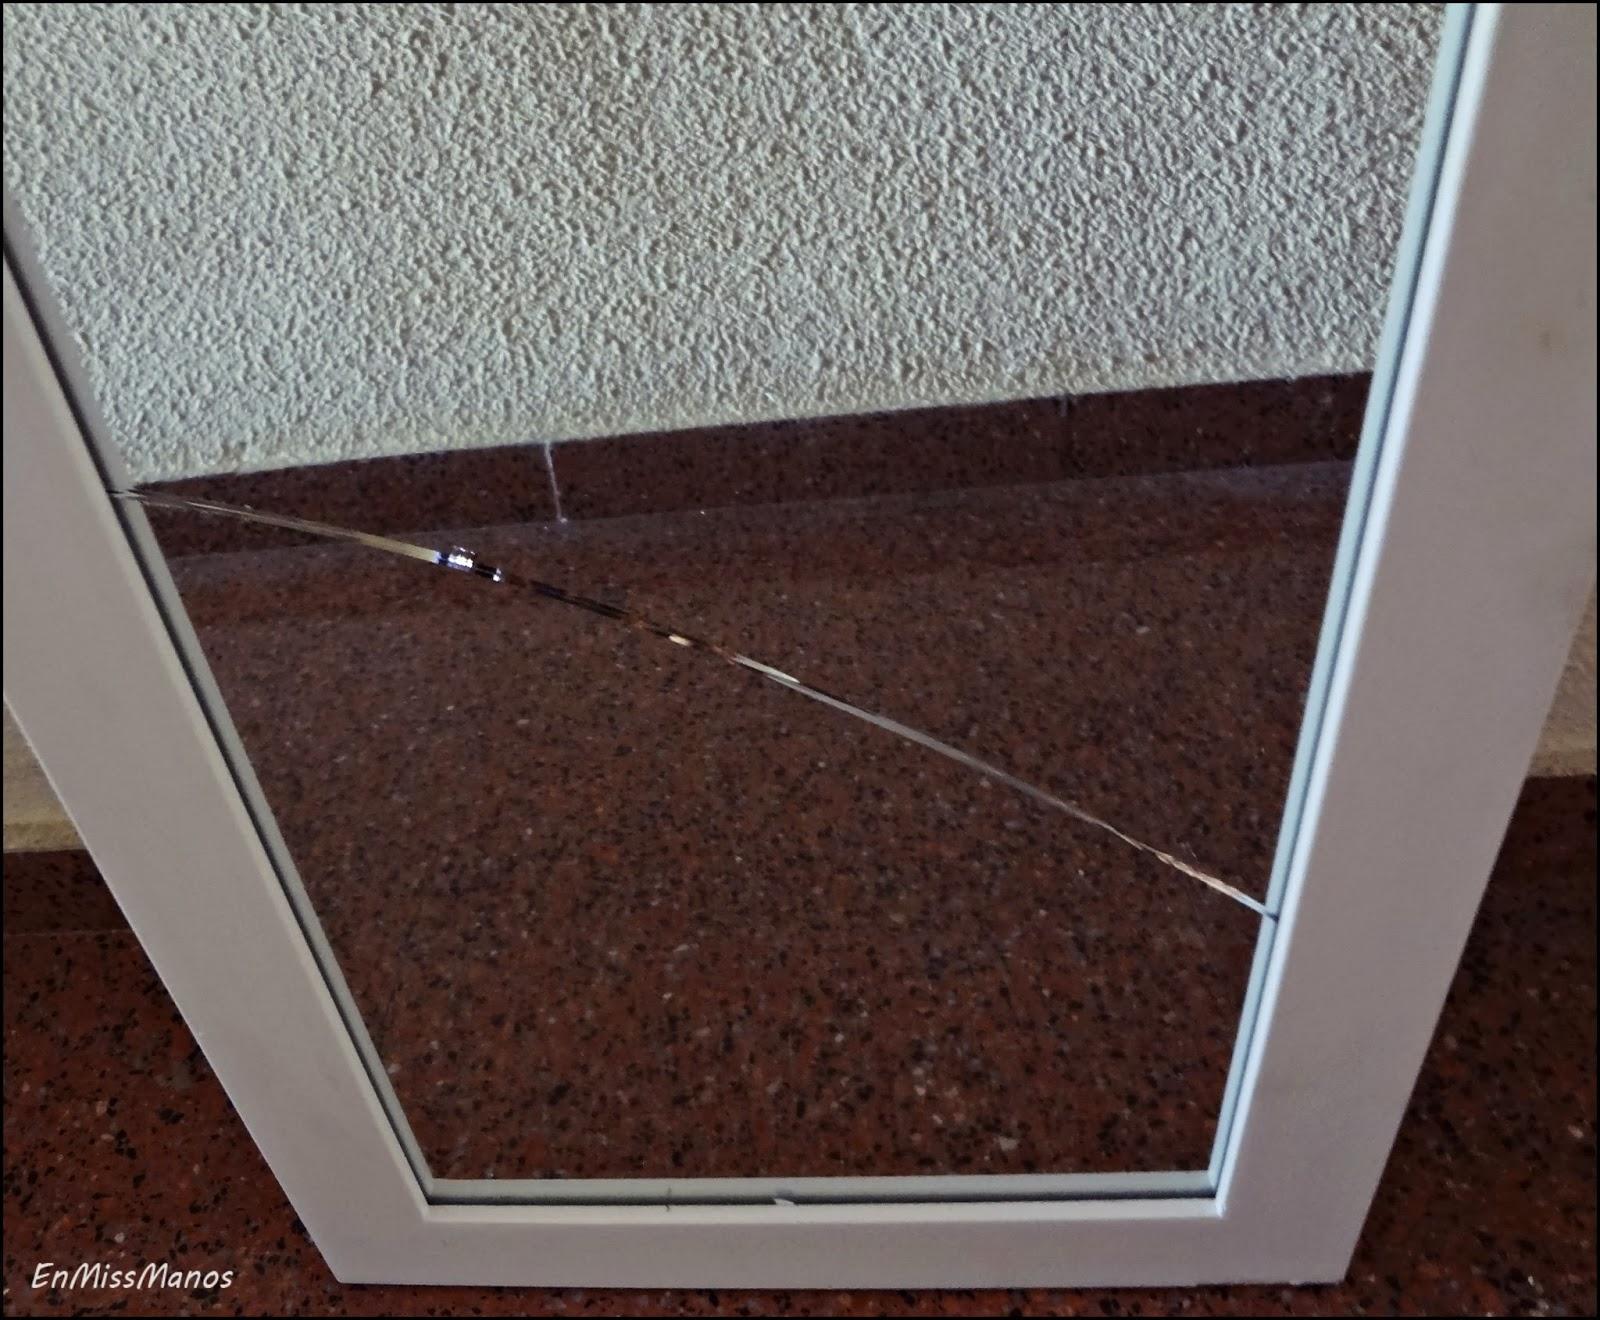 En miss manos objetos basuriles parte i marcos y espejos for Marcos para espejos de pie